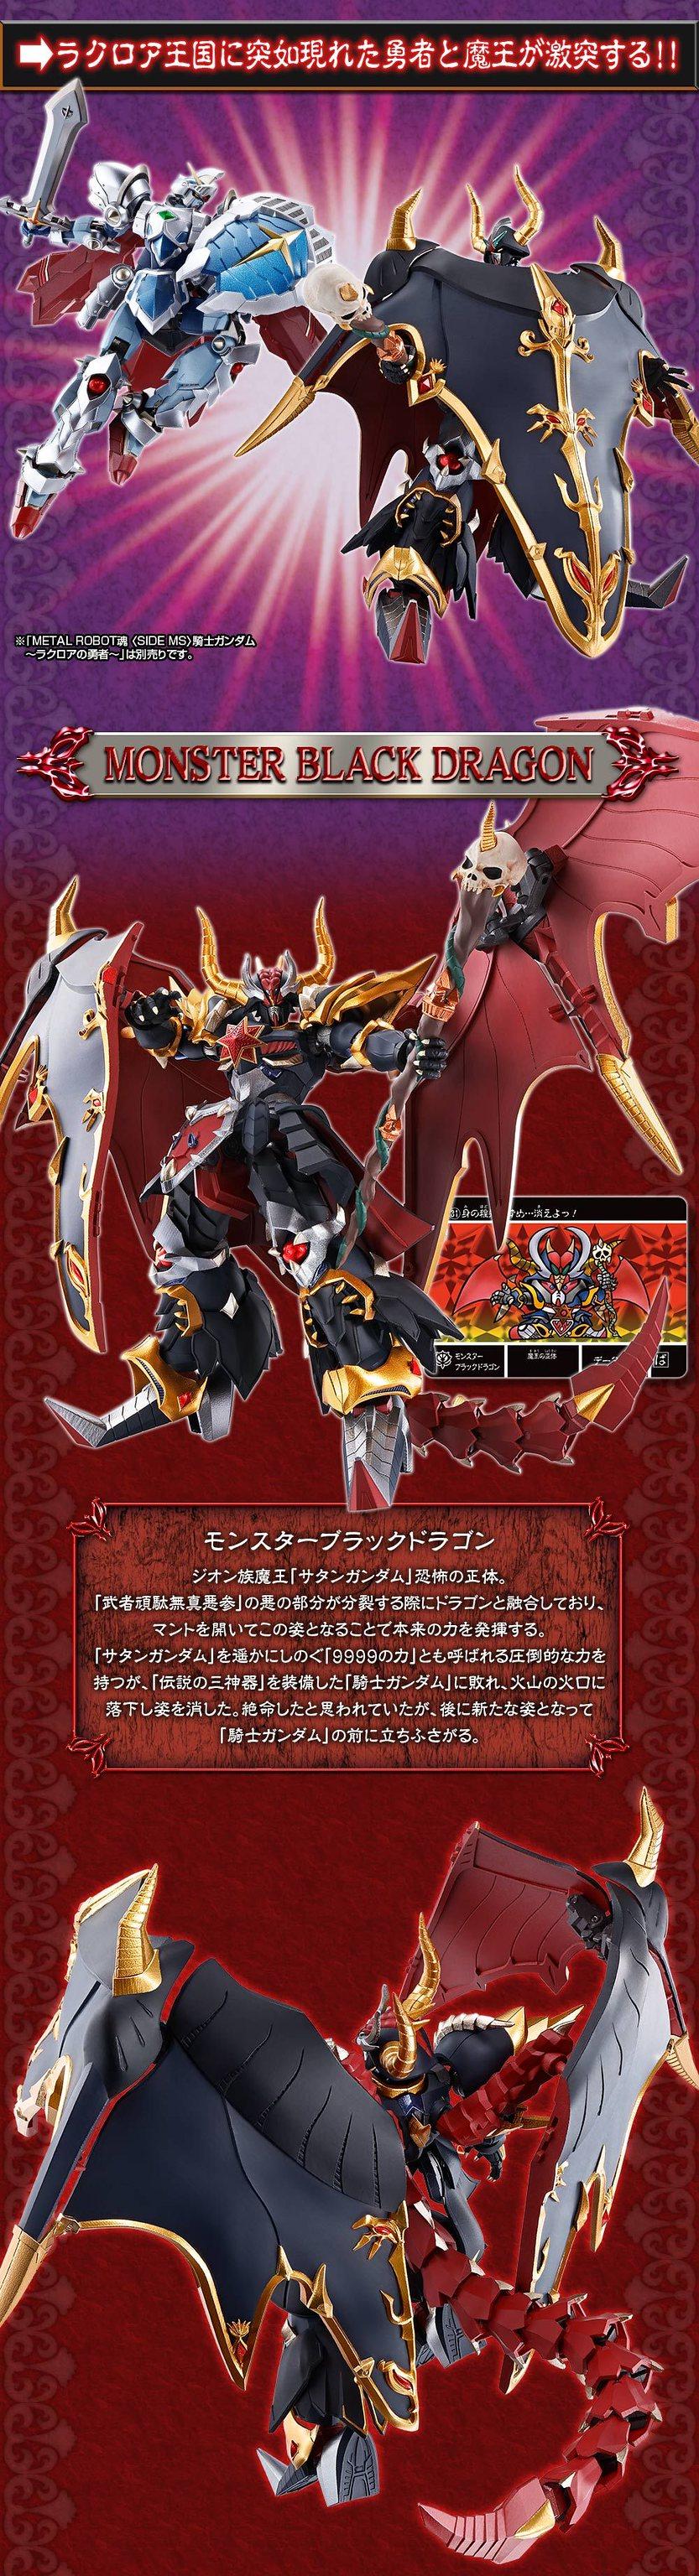 METAL ROBOT魂 撒旦鋼彈=黑龍(真實型態 ver.)商品情報公開 善惡分離,騎士鋼彈命運的宿敵!